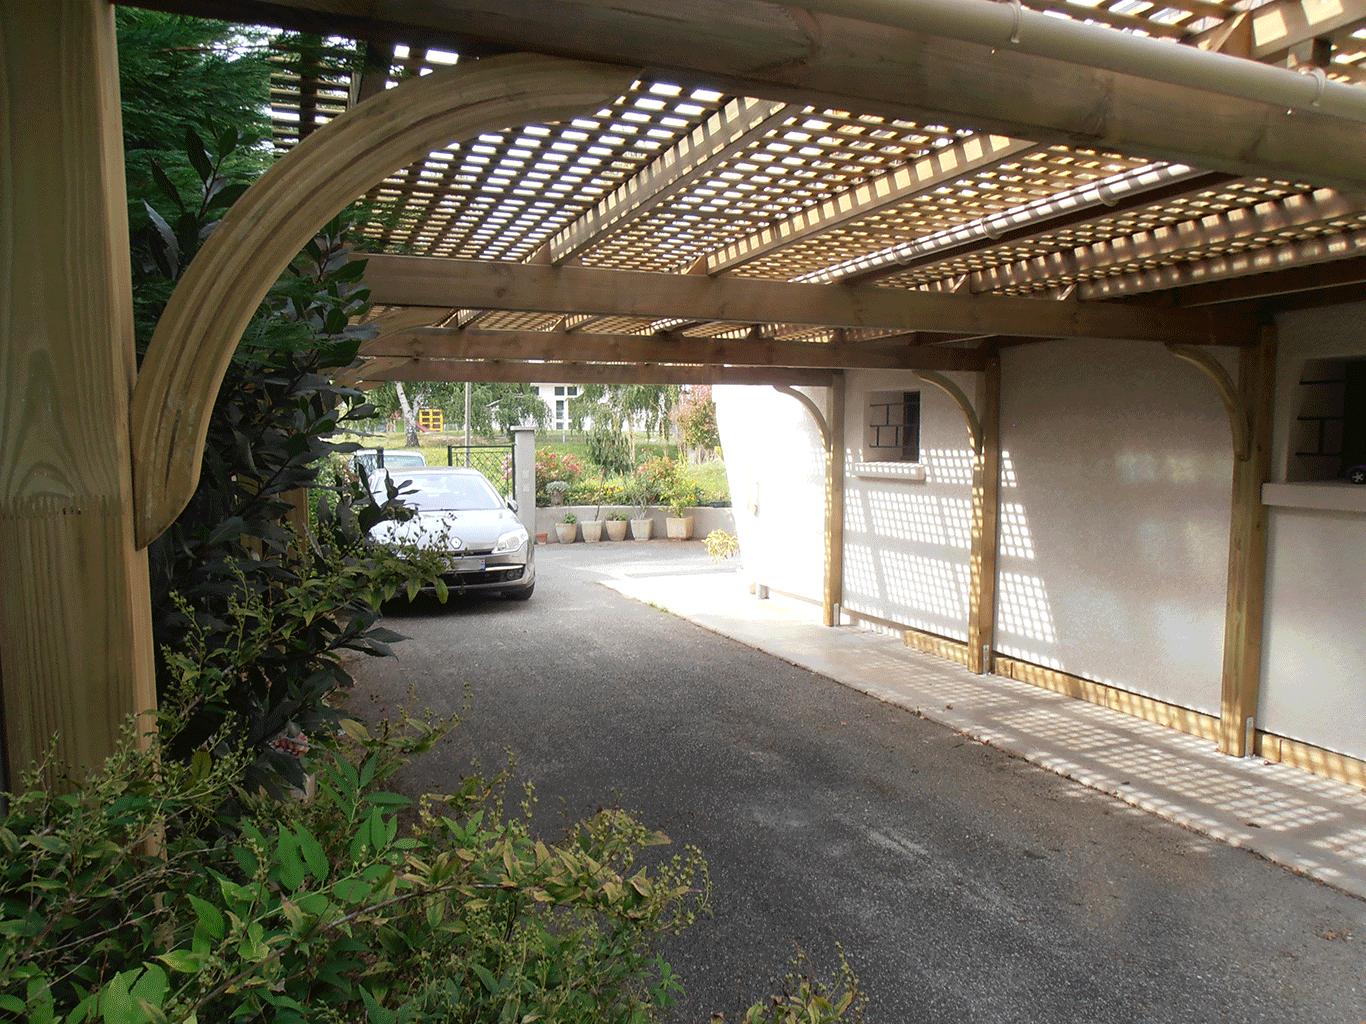 Les abris voiture protection voiture bois composite dauphiné environnement la murette pays voironnais